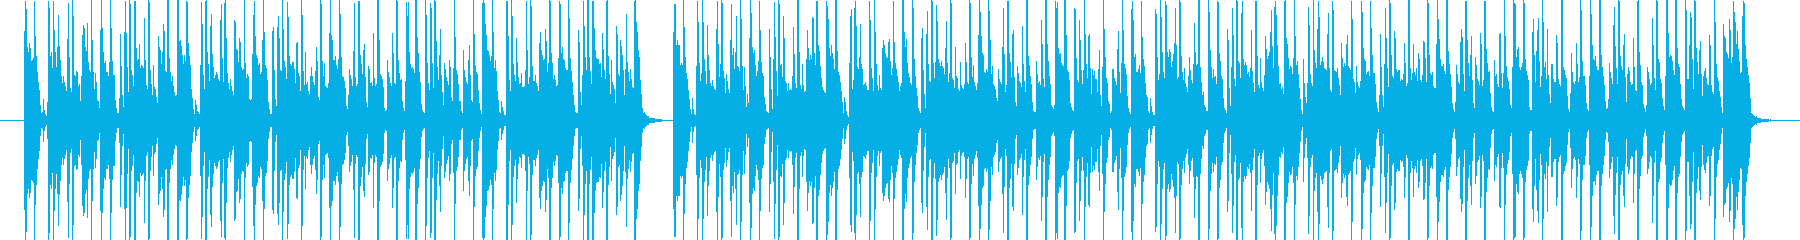 カントリー調の優しいギターポップスの再生済みの波形